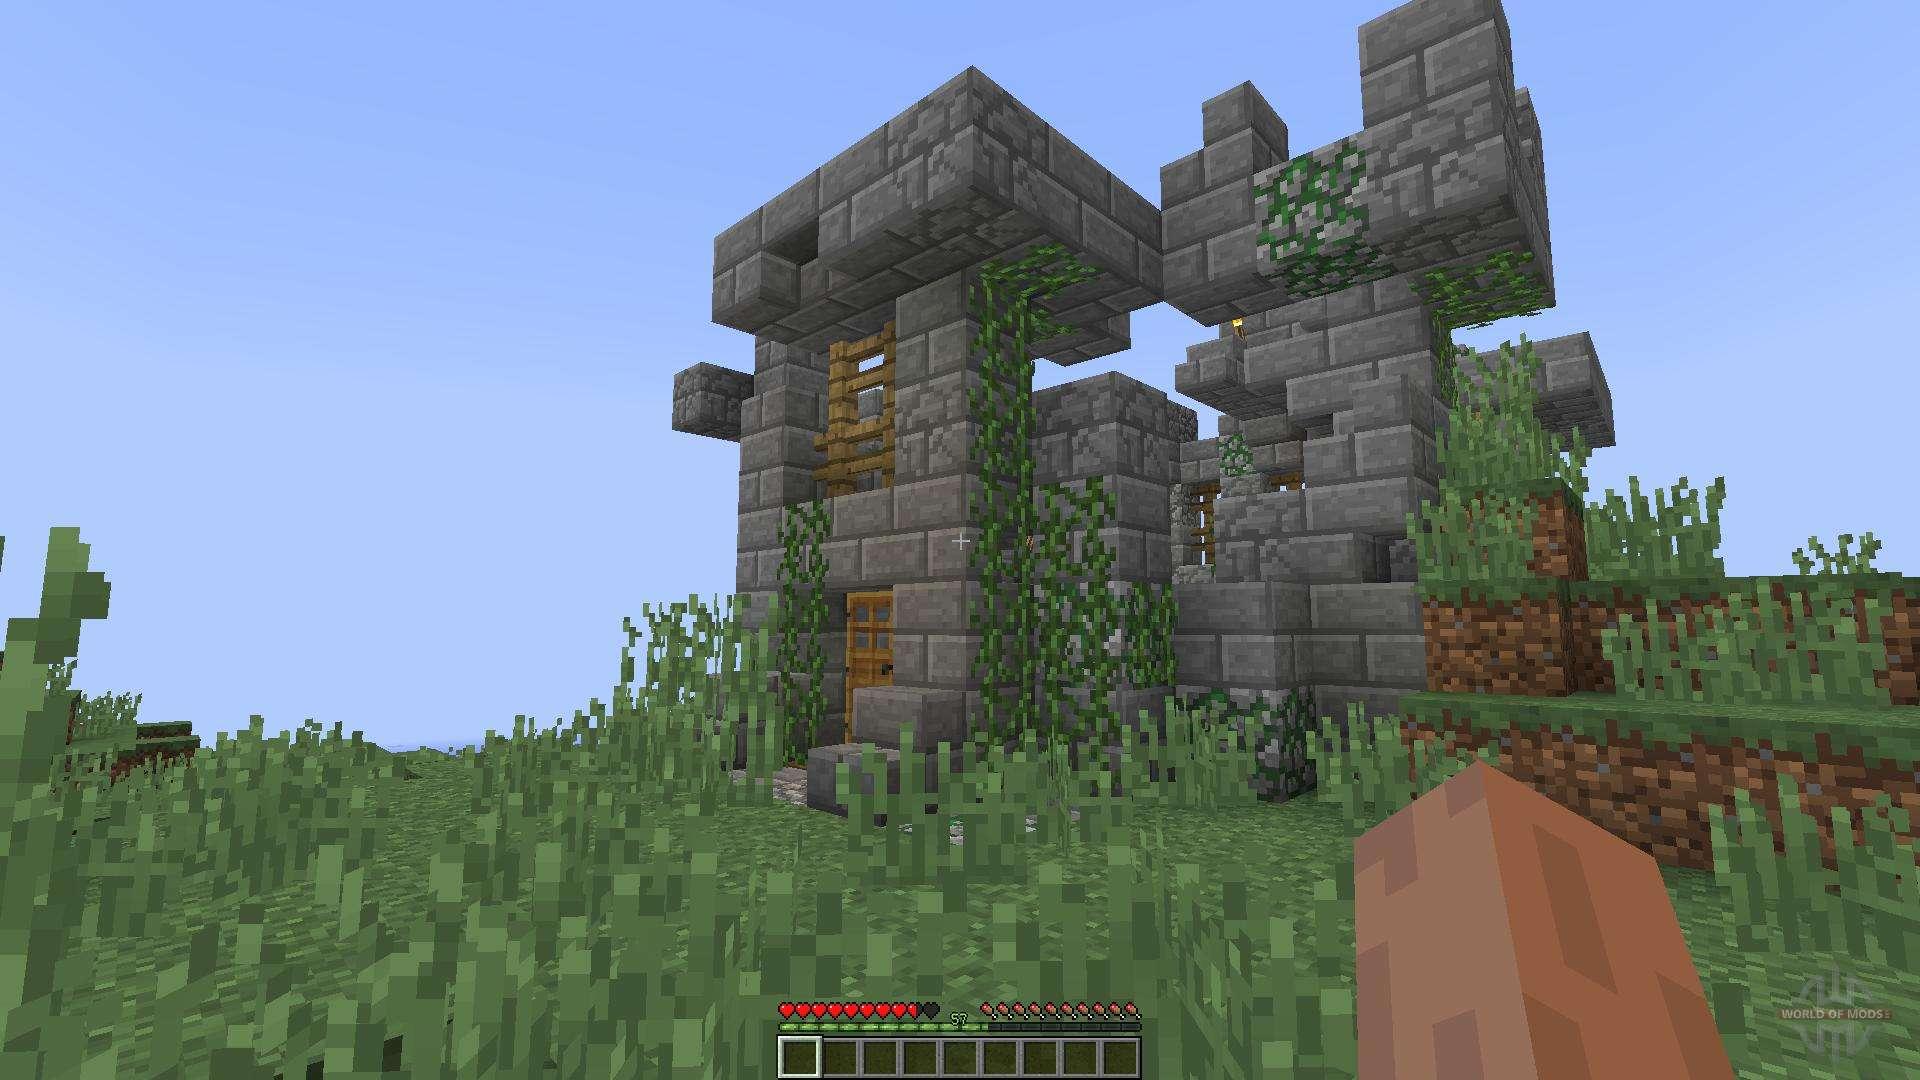 minecraft adventure maps 1.8.1